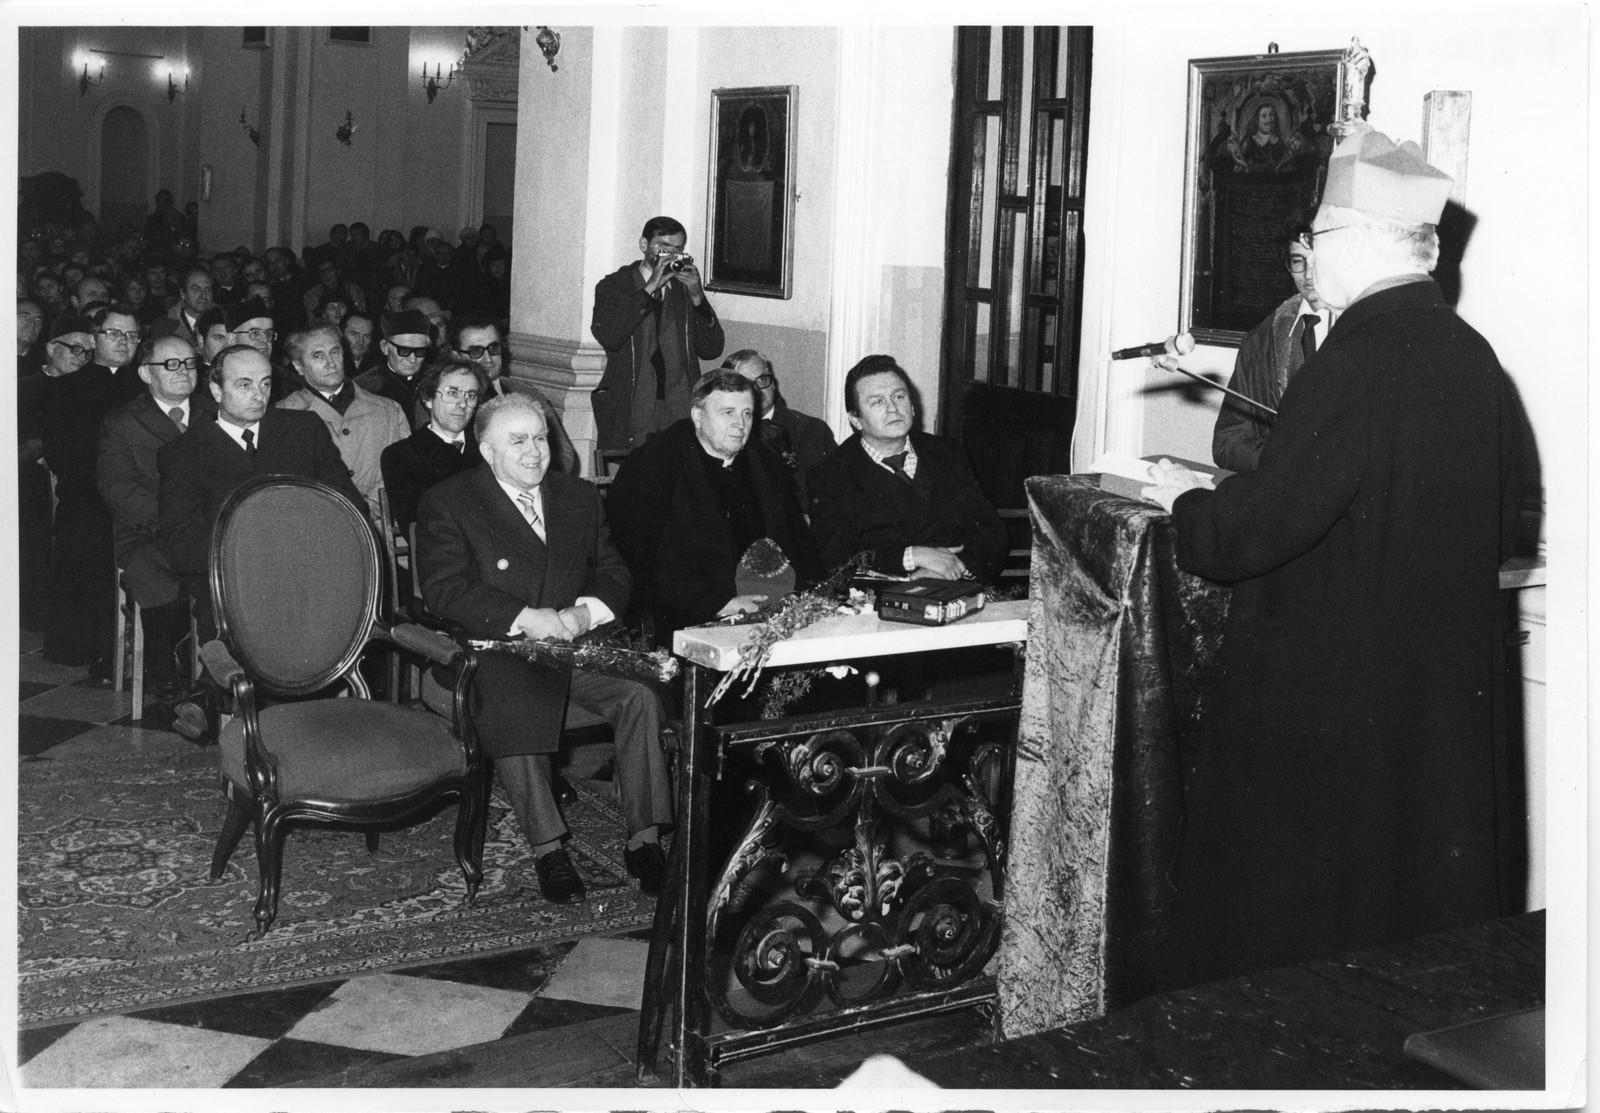 Kardynał Stefan Wyszyński przemawia podczas sesji inauguracyjnej roku akademickiego